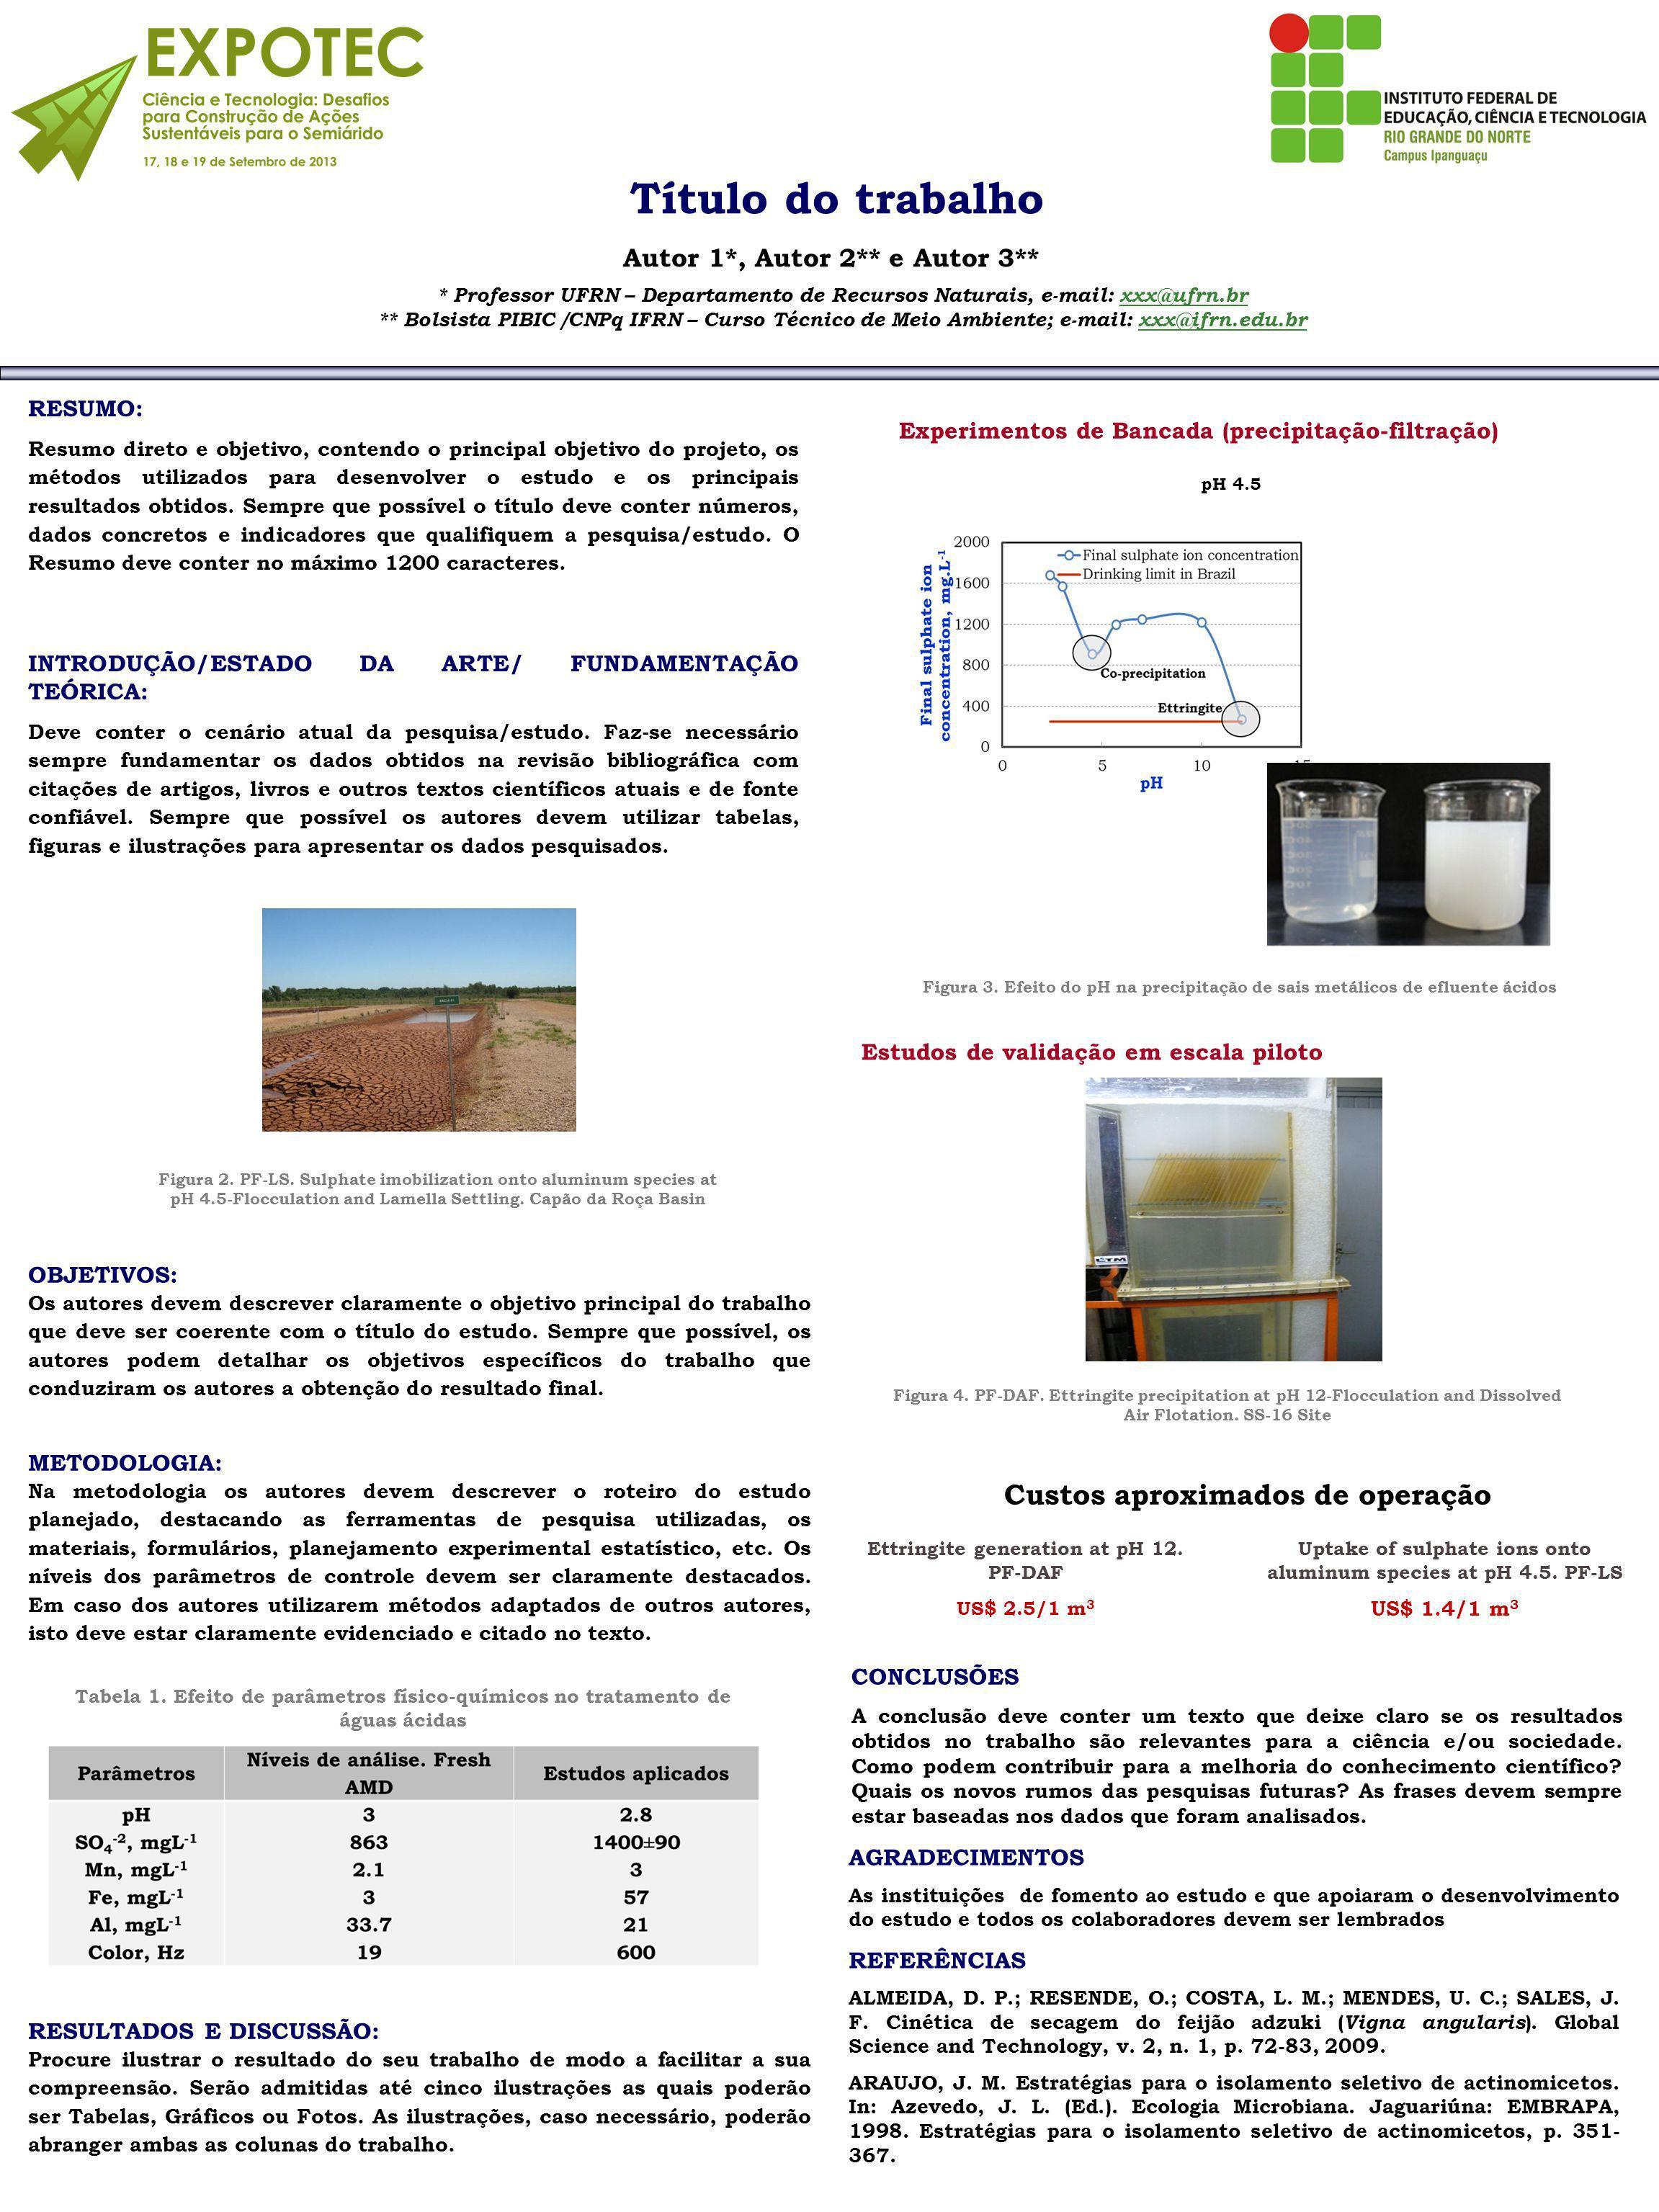 Estudos de validação em escala piloto RESUMO: Resumo direto e objetivo, contendo o principal objetivo do projeto, os métodos utilizados para desenvolver o estudo e os principais resultados obtidos.